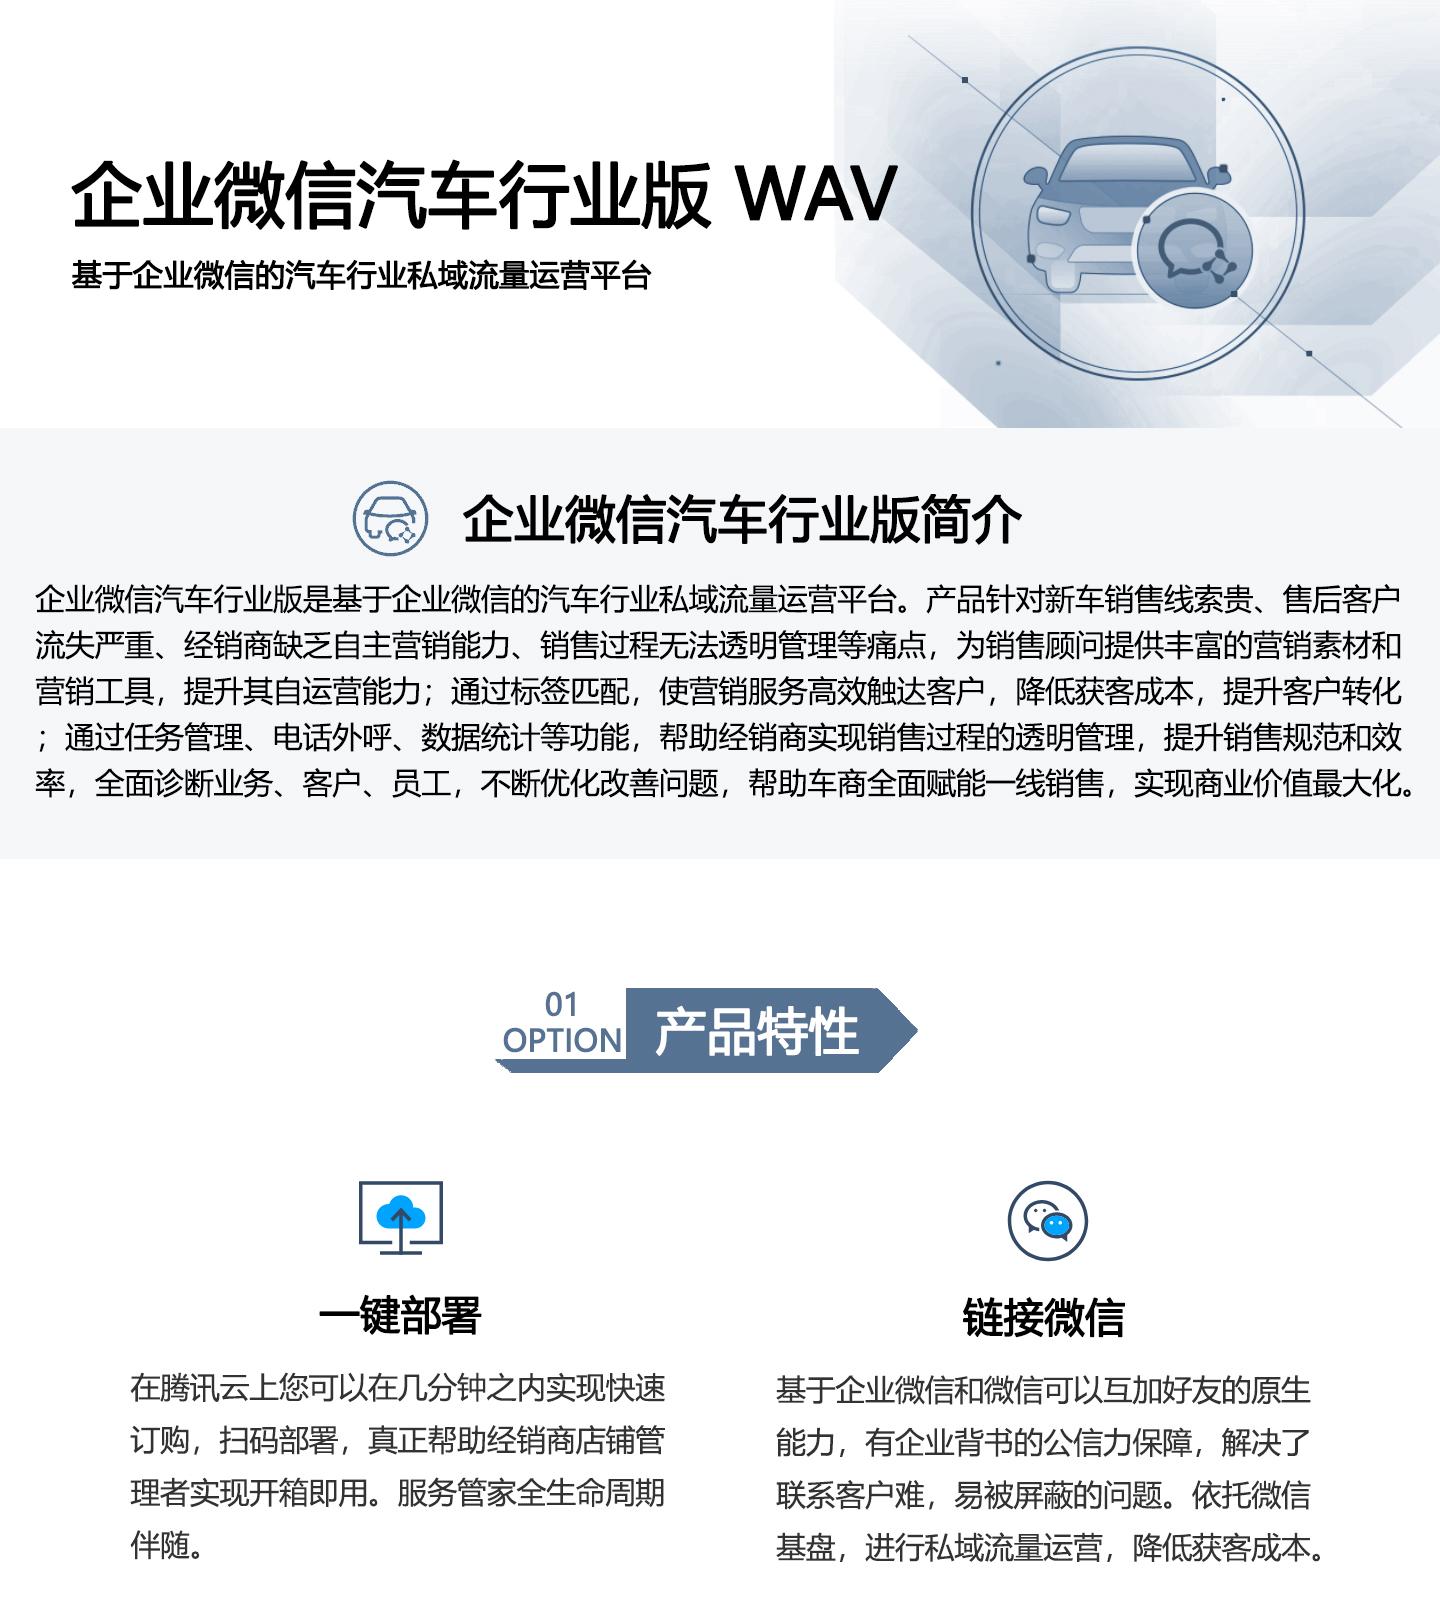 企业微信汽车行业版-WAV-1440_01.jpg